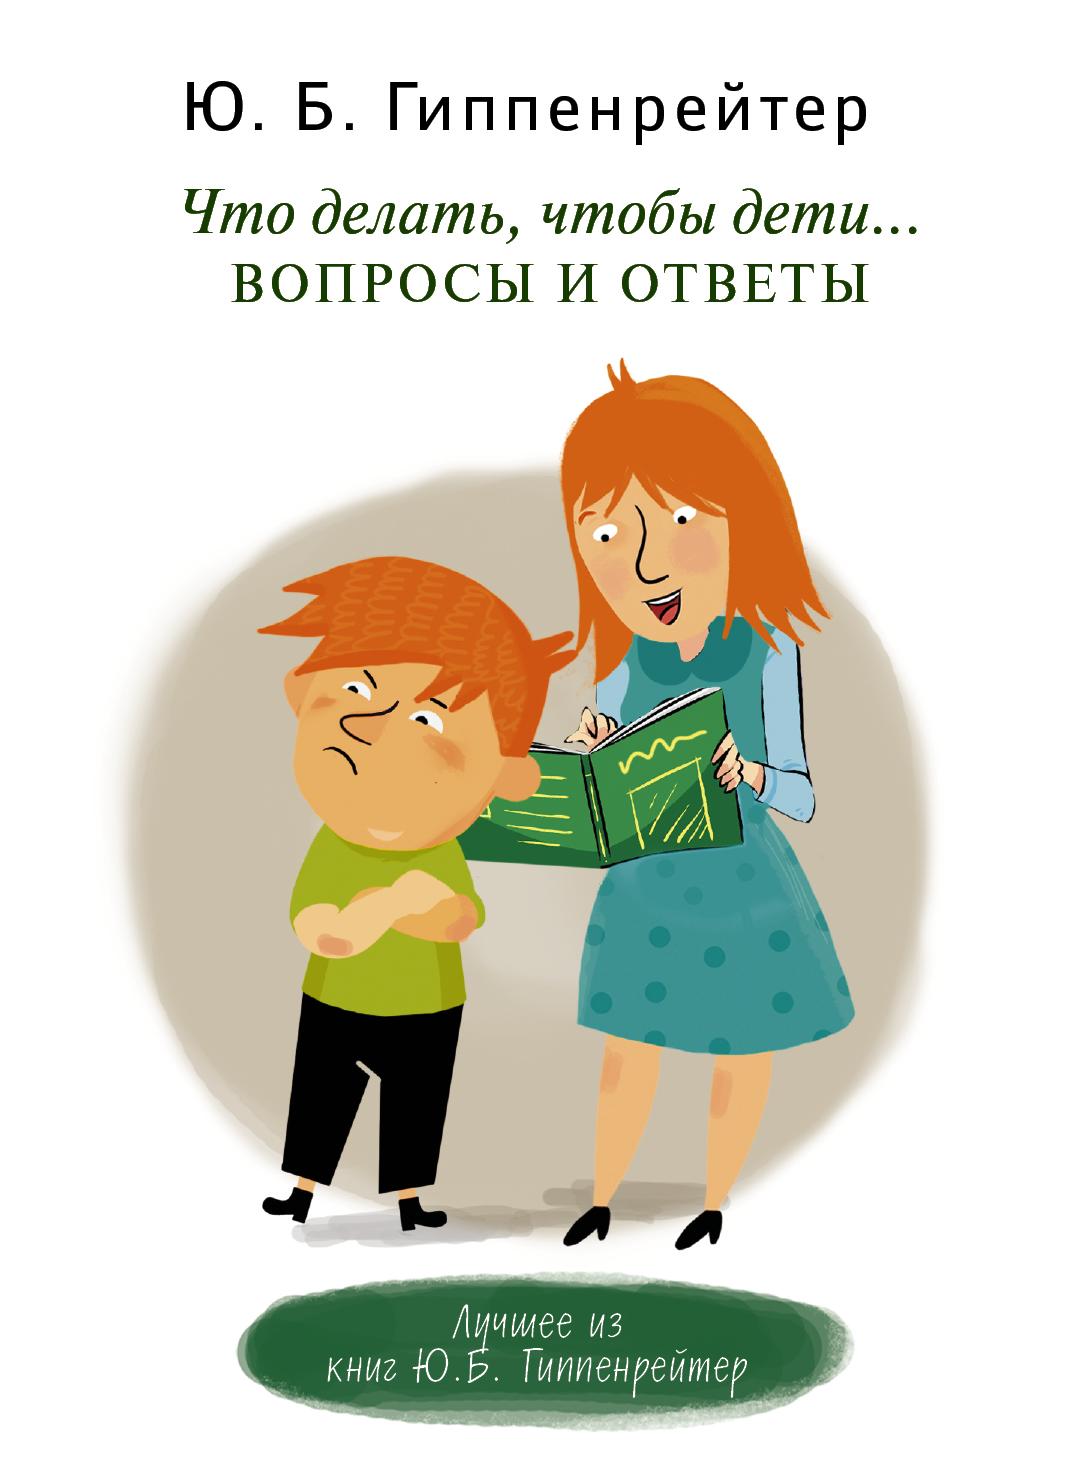 Гиппенрейтер Ю.Б. Что делать, чтобы дети... Вопросы и ответы